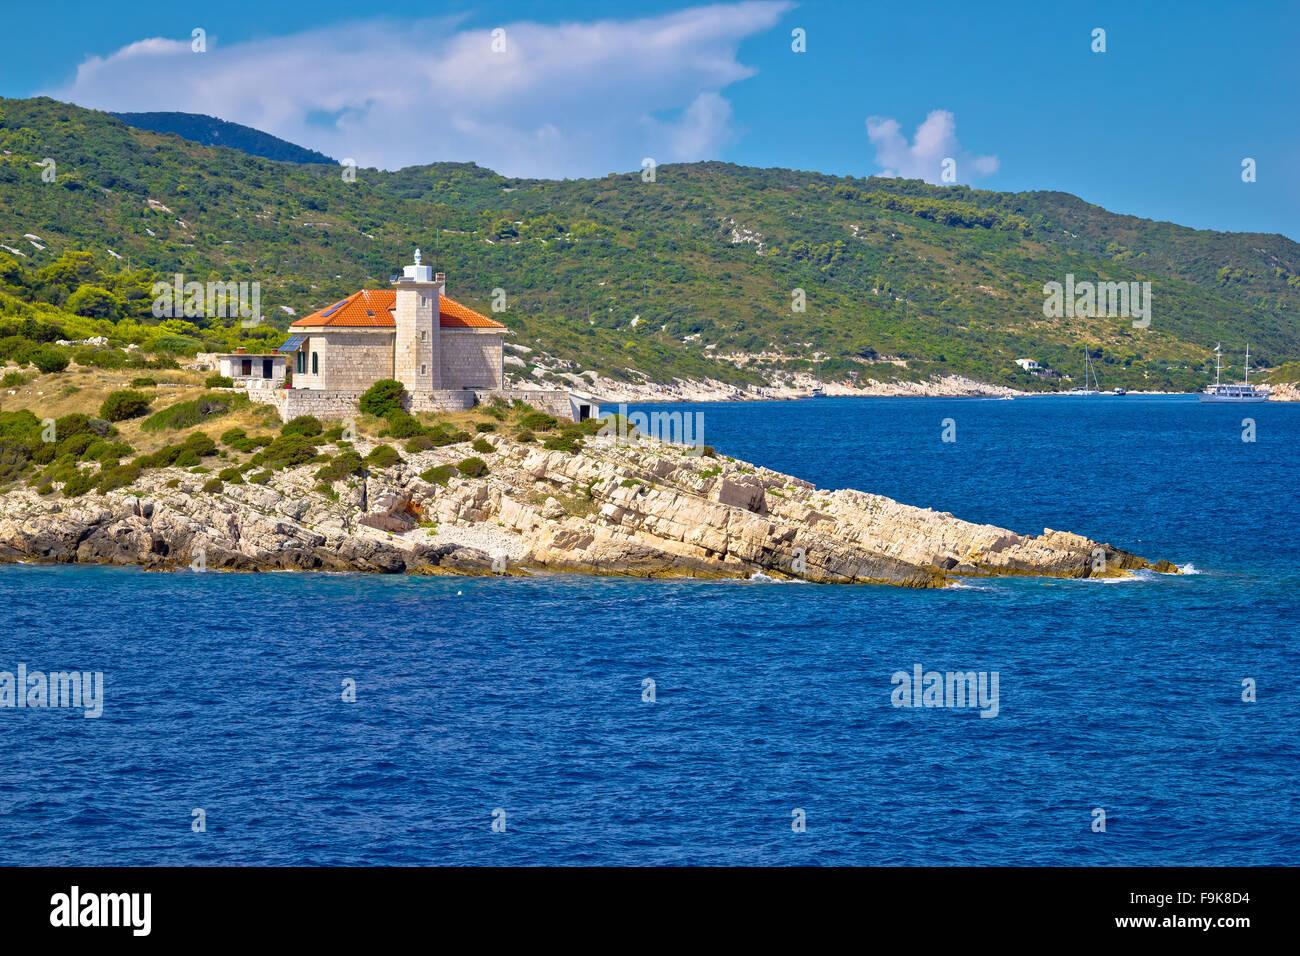 Island of Vis lighthouse view, Dalmatia, Croatia Stock Photo